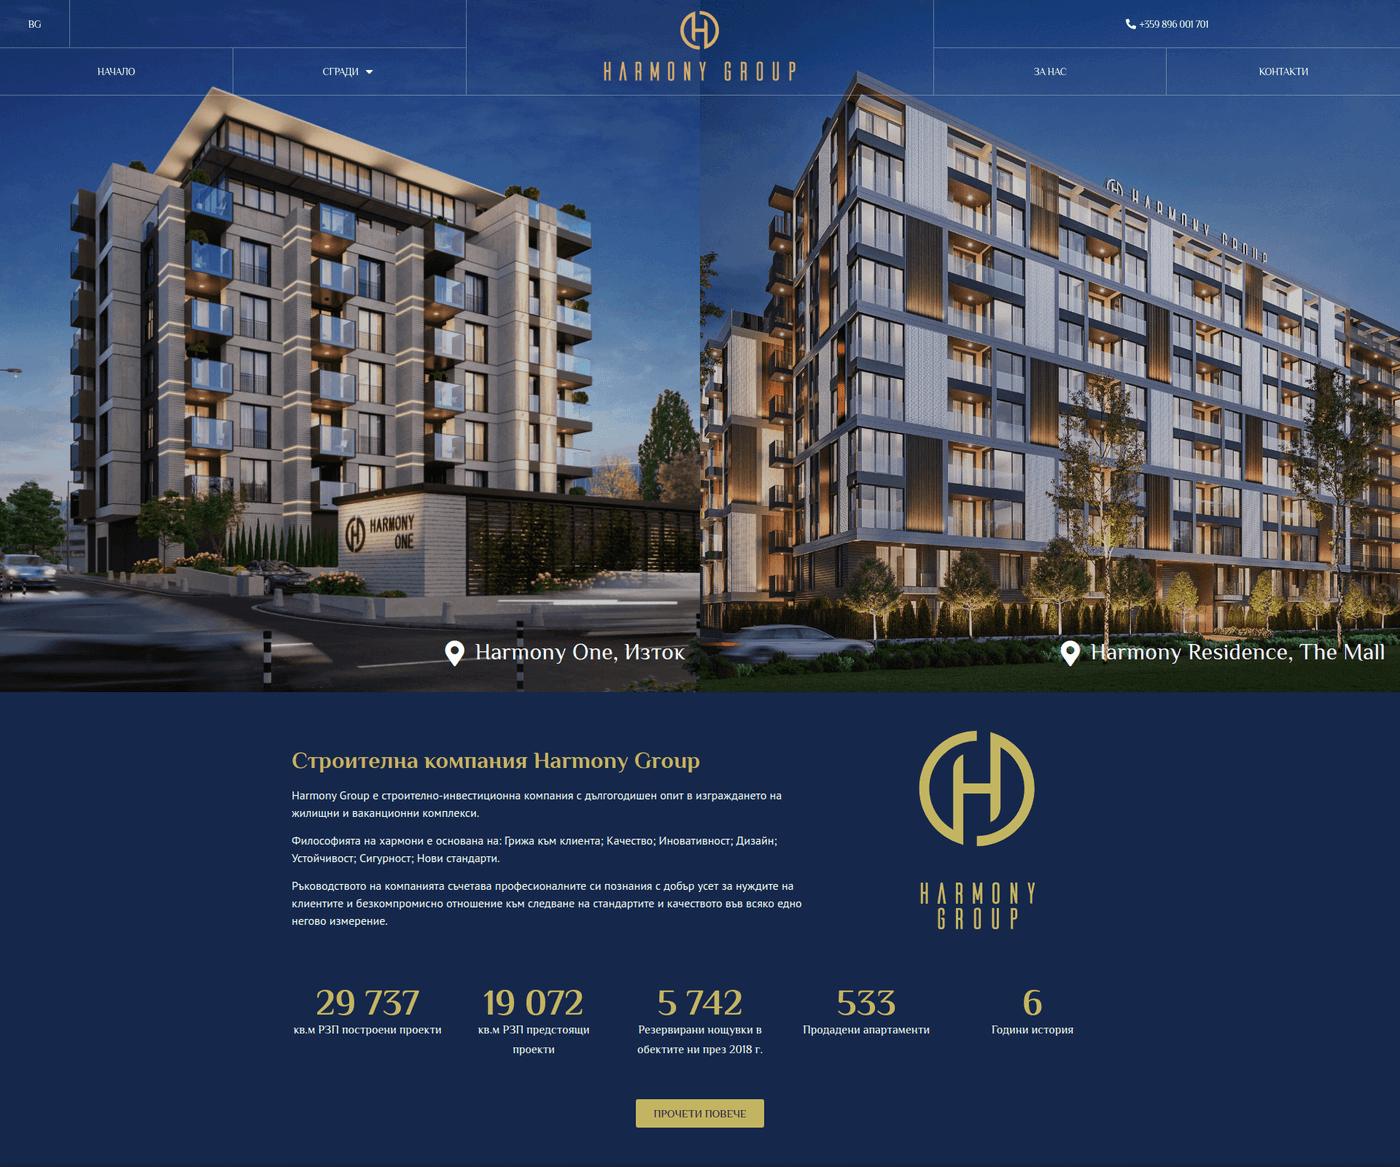 Tecshware - изработка на сайт, онлайн магазин, поддръжка, уеб дизайн, хостинг, сео